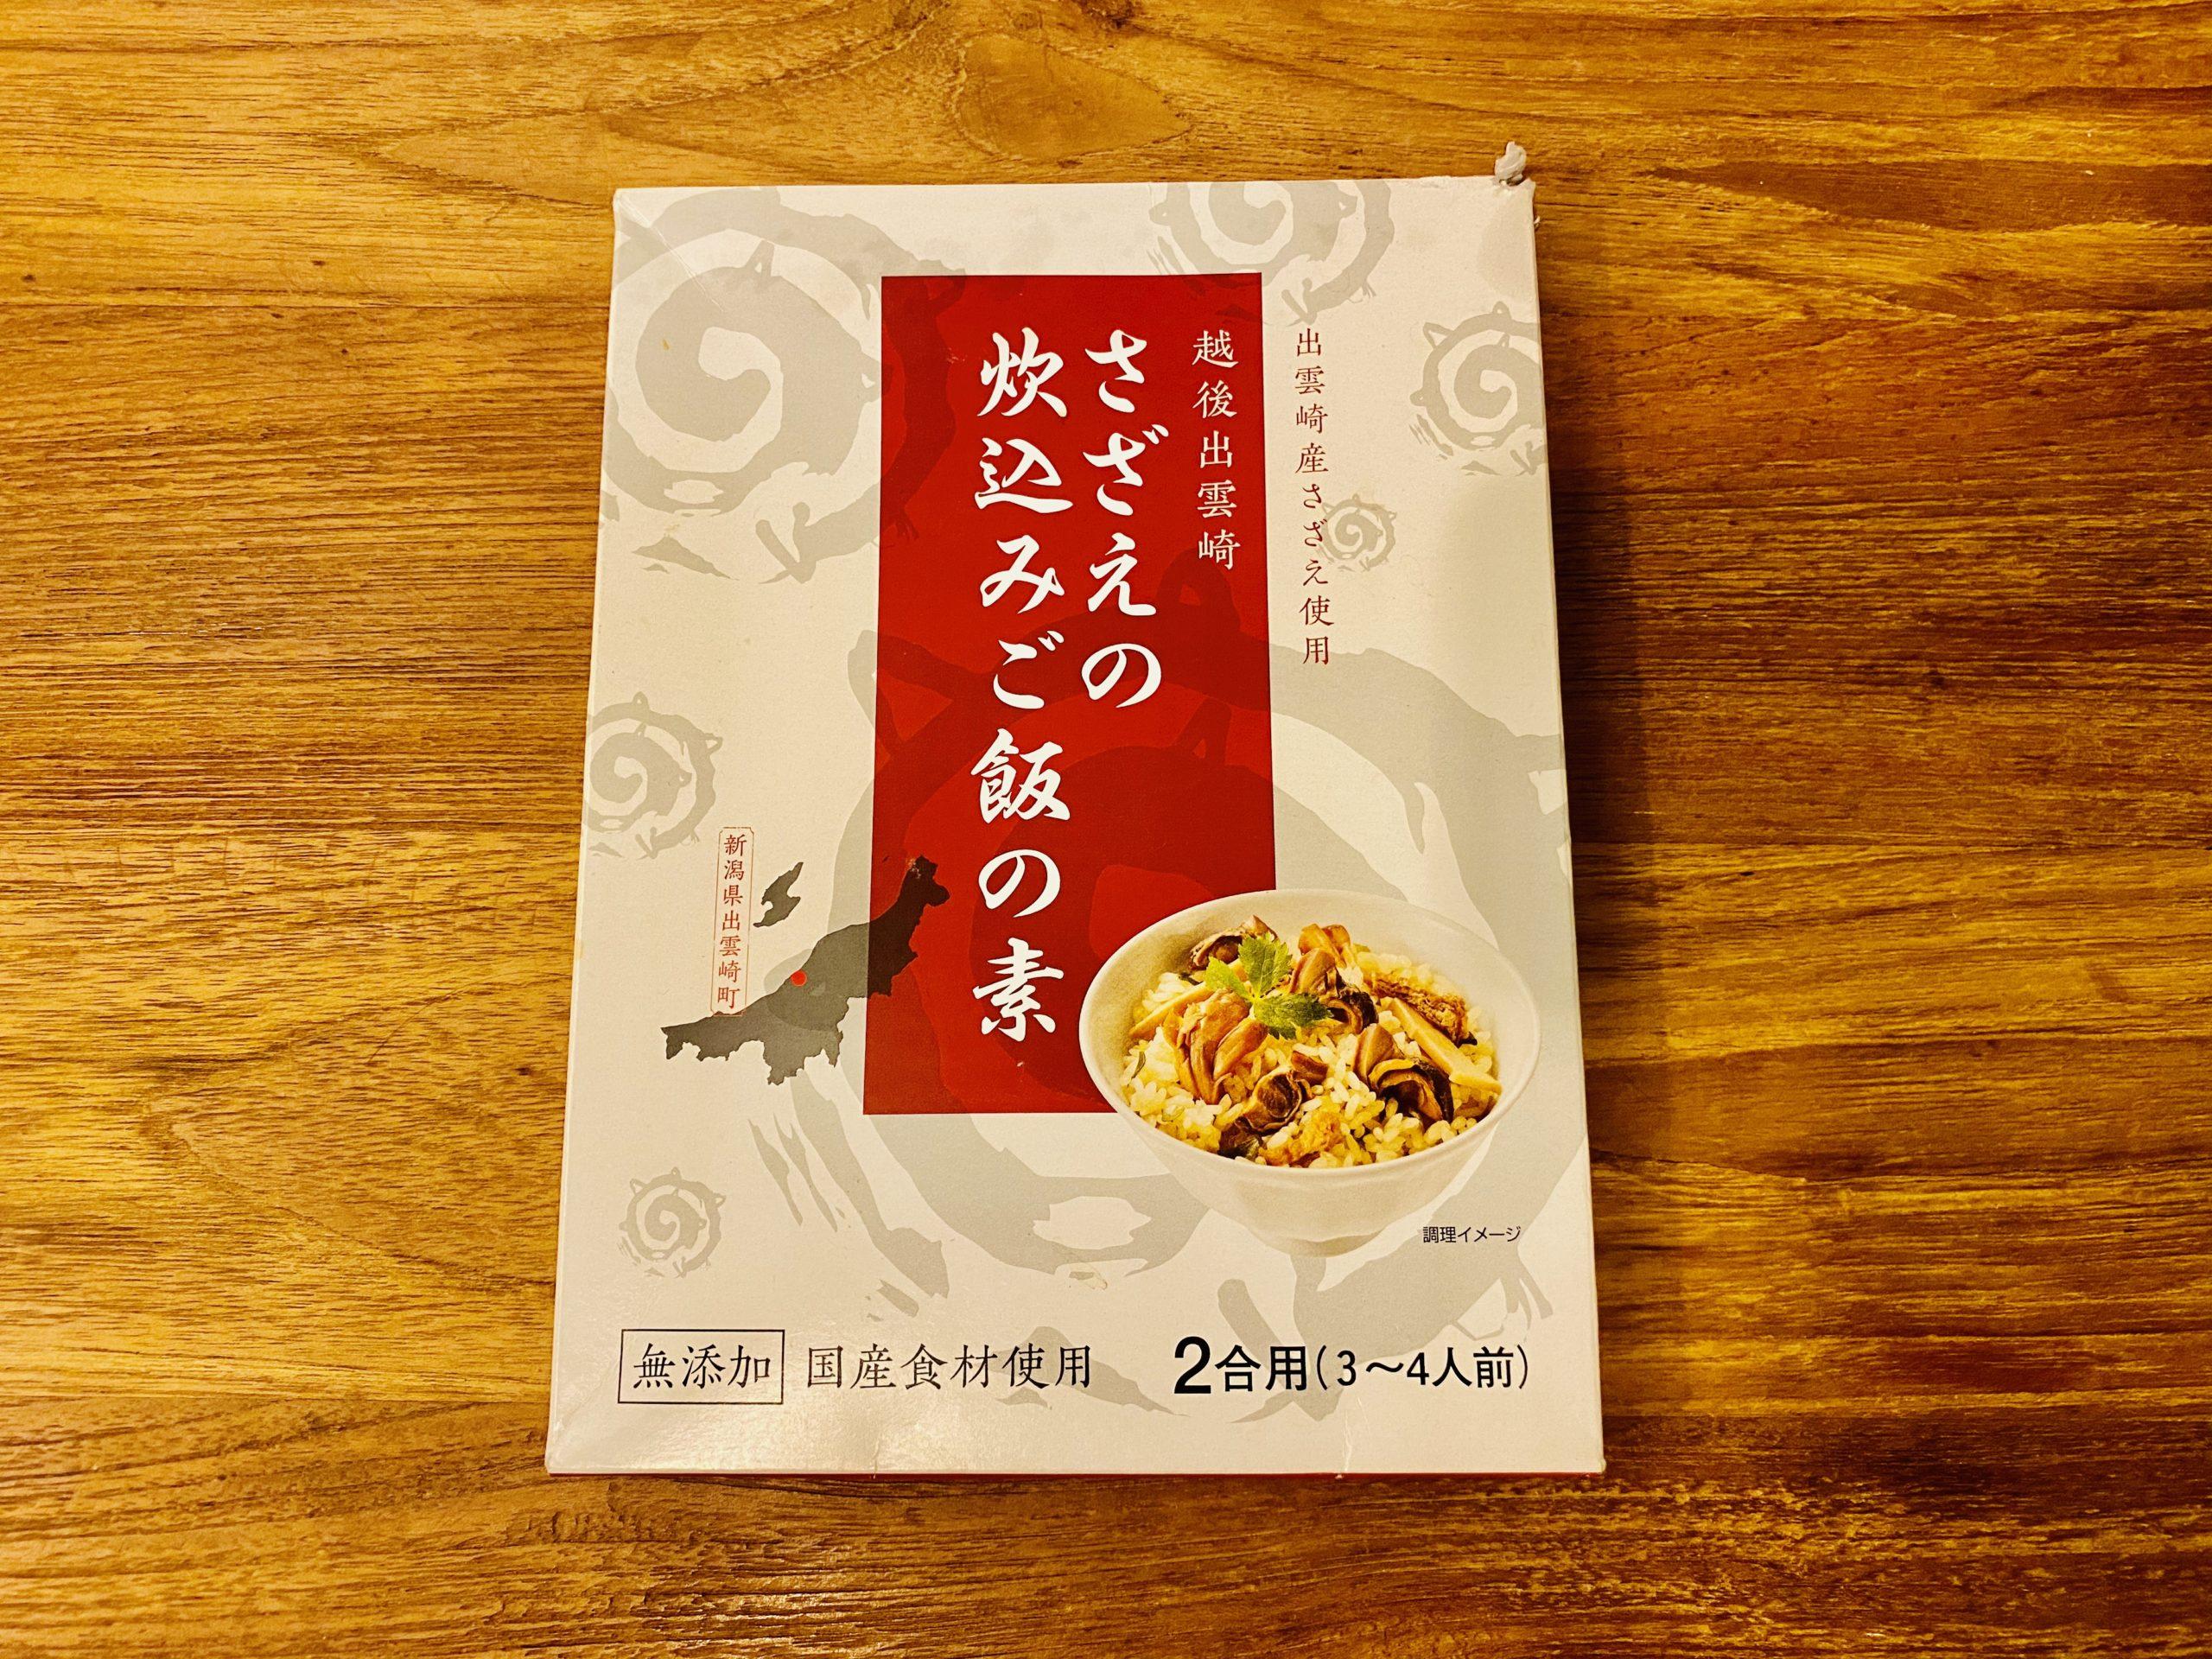 実食@365LABO「新潟県越後出雲崎 さざえの炊込みご飯の素」